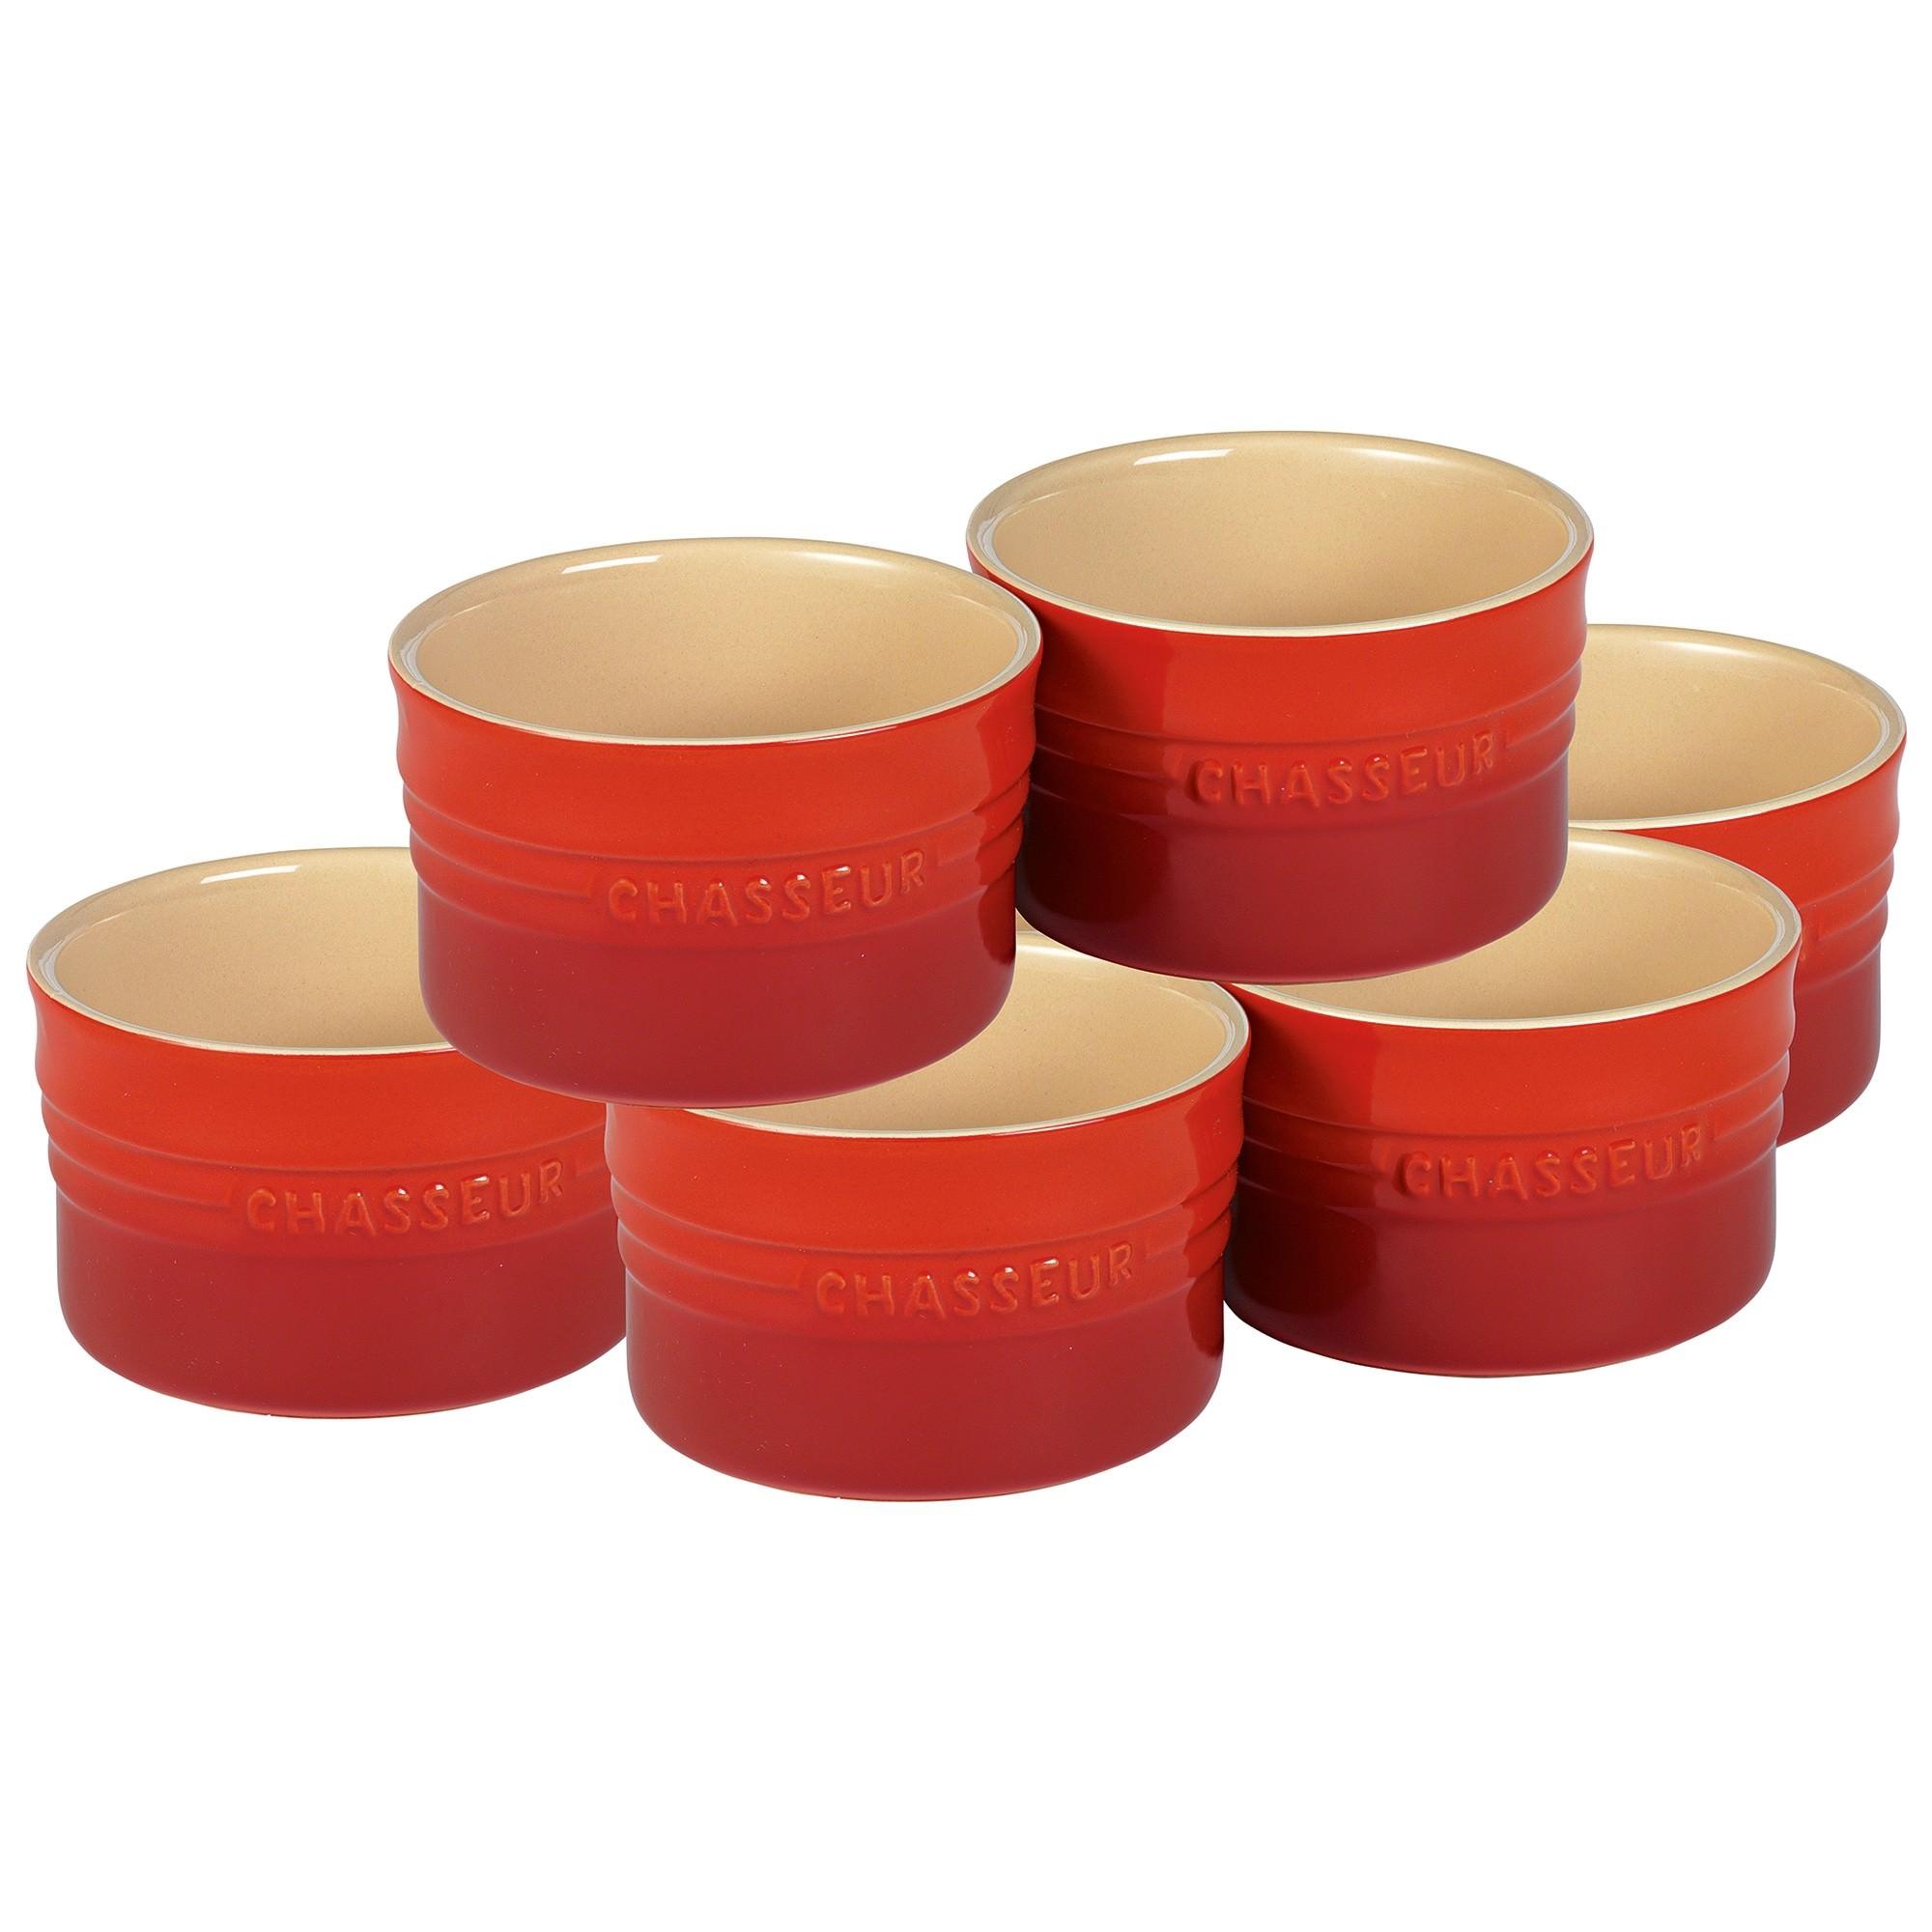 Chasseur La Cuisson 6 Piece Ramekin Set, Red